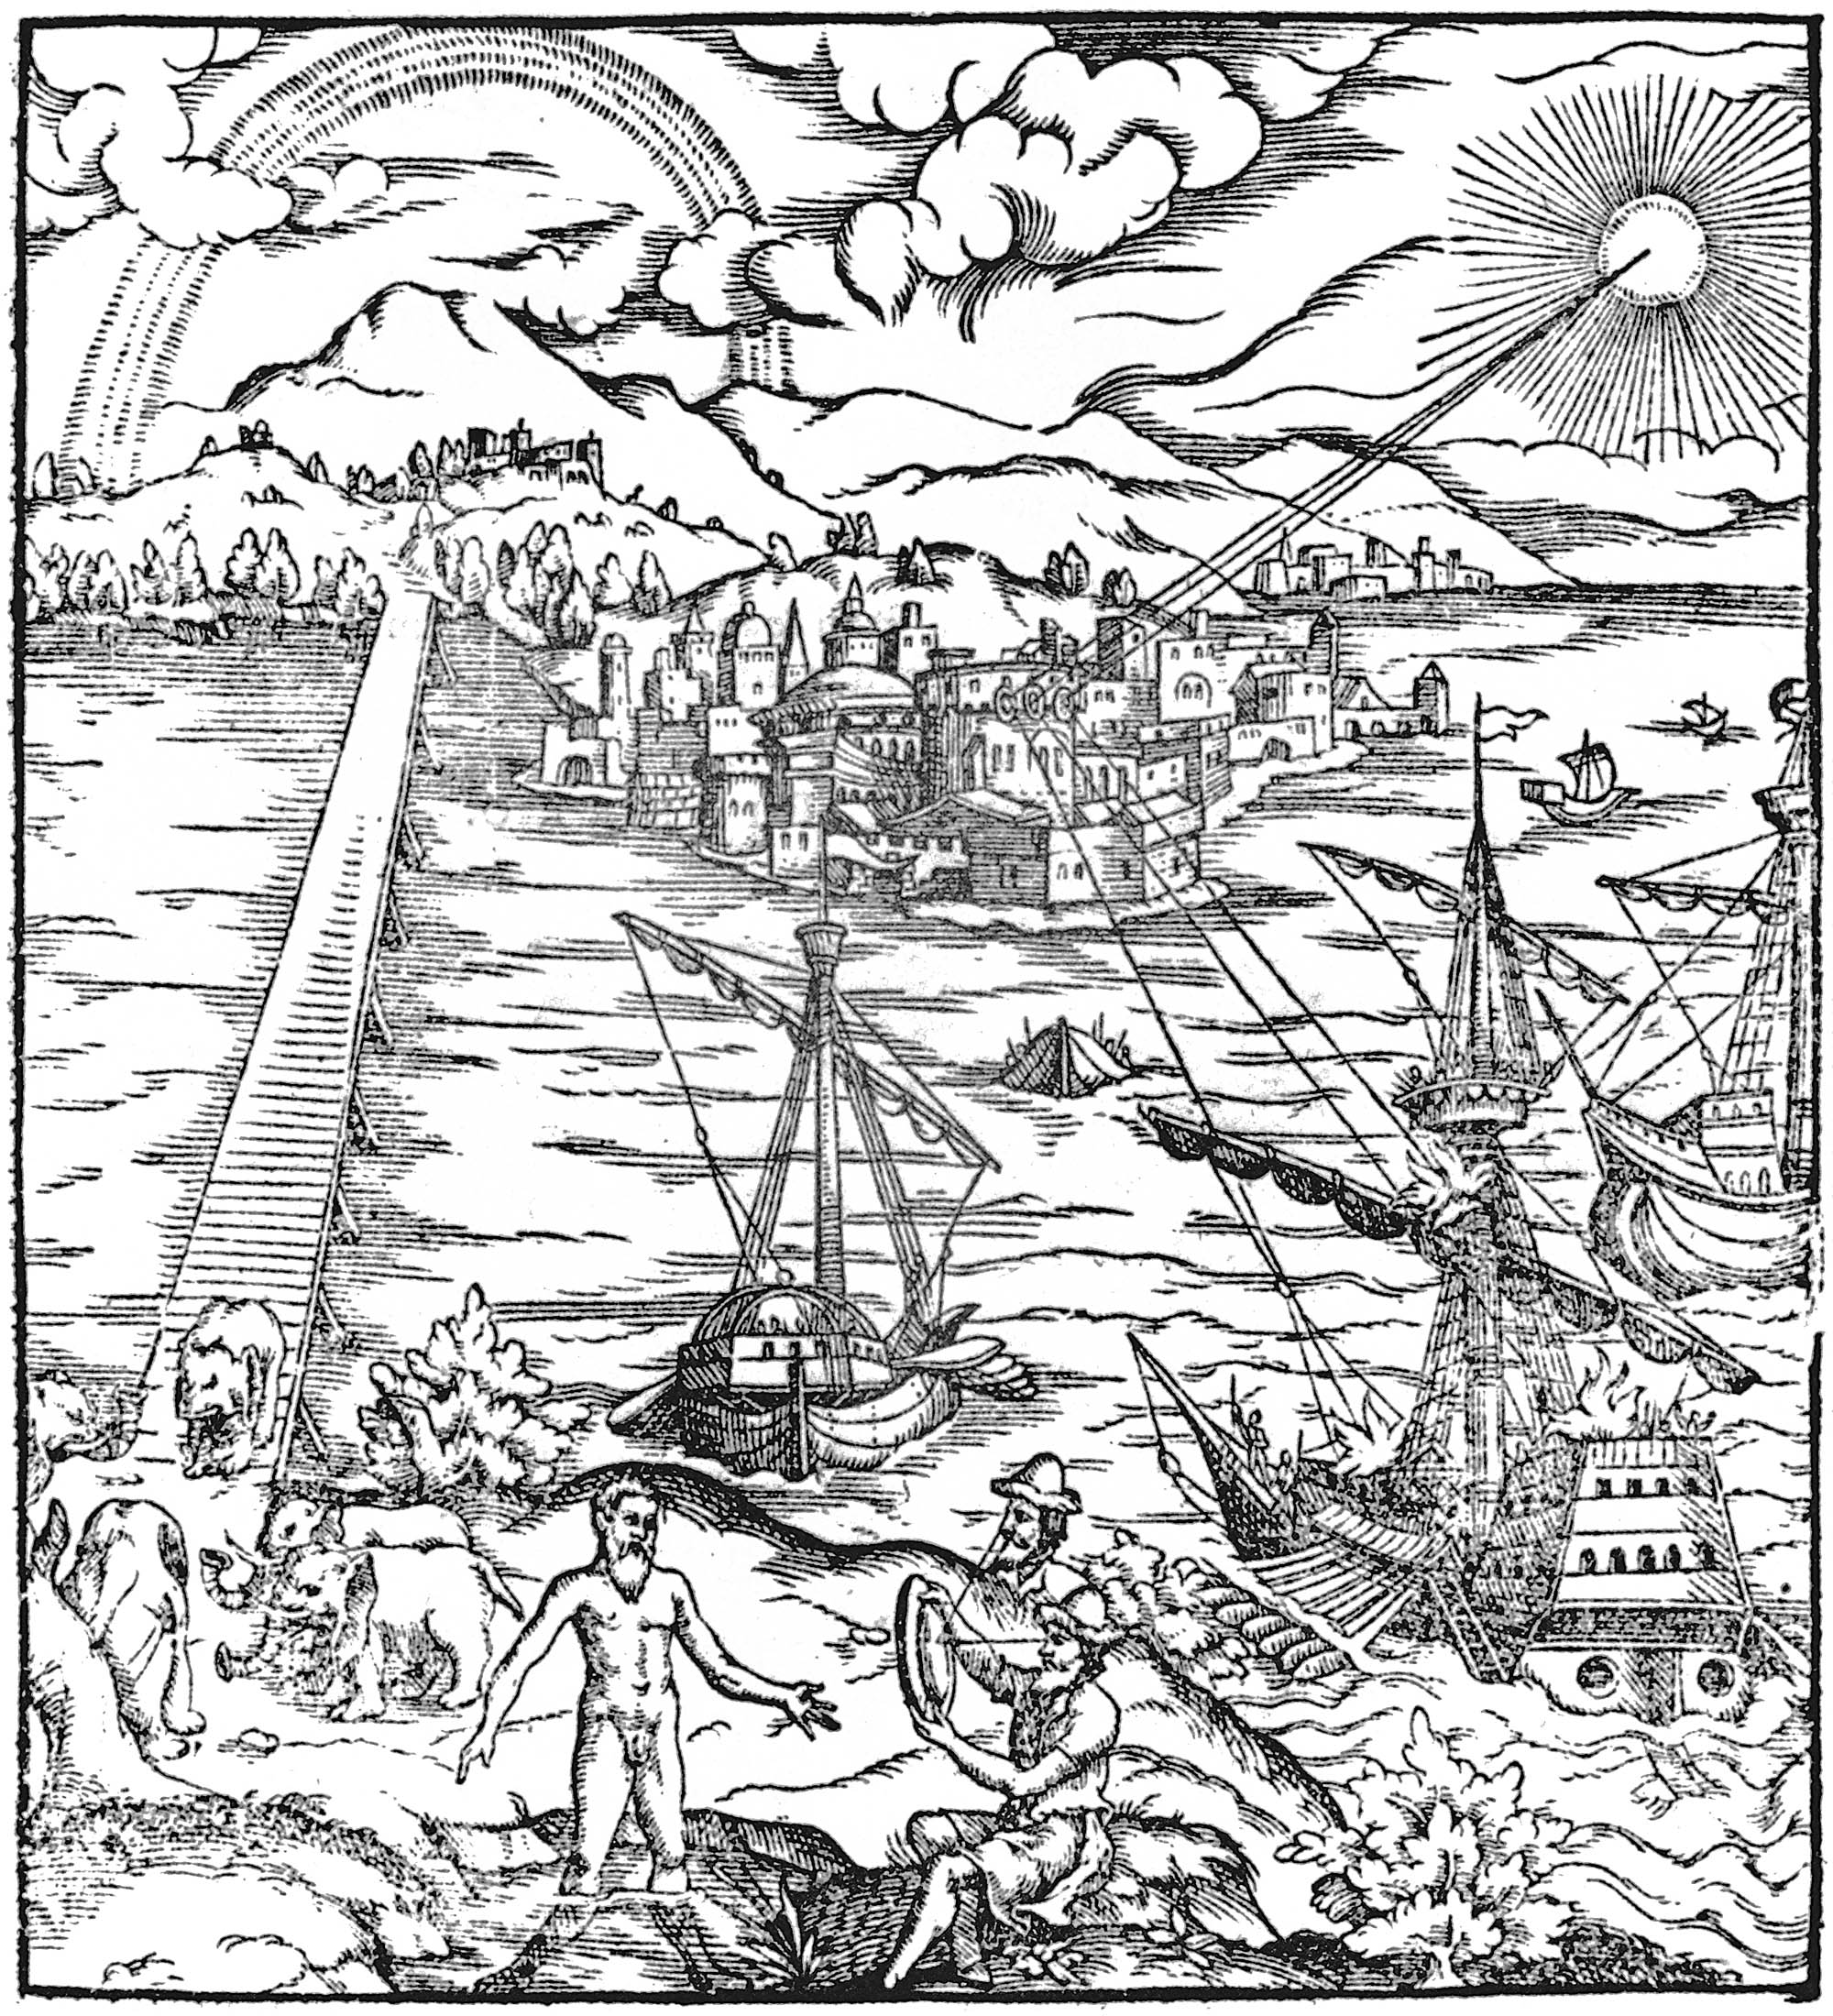 http://upload.wikimedia.org/wikipedia/commons/c/c6/Thesaurus_opticus_Titelblatt.jpg